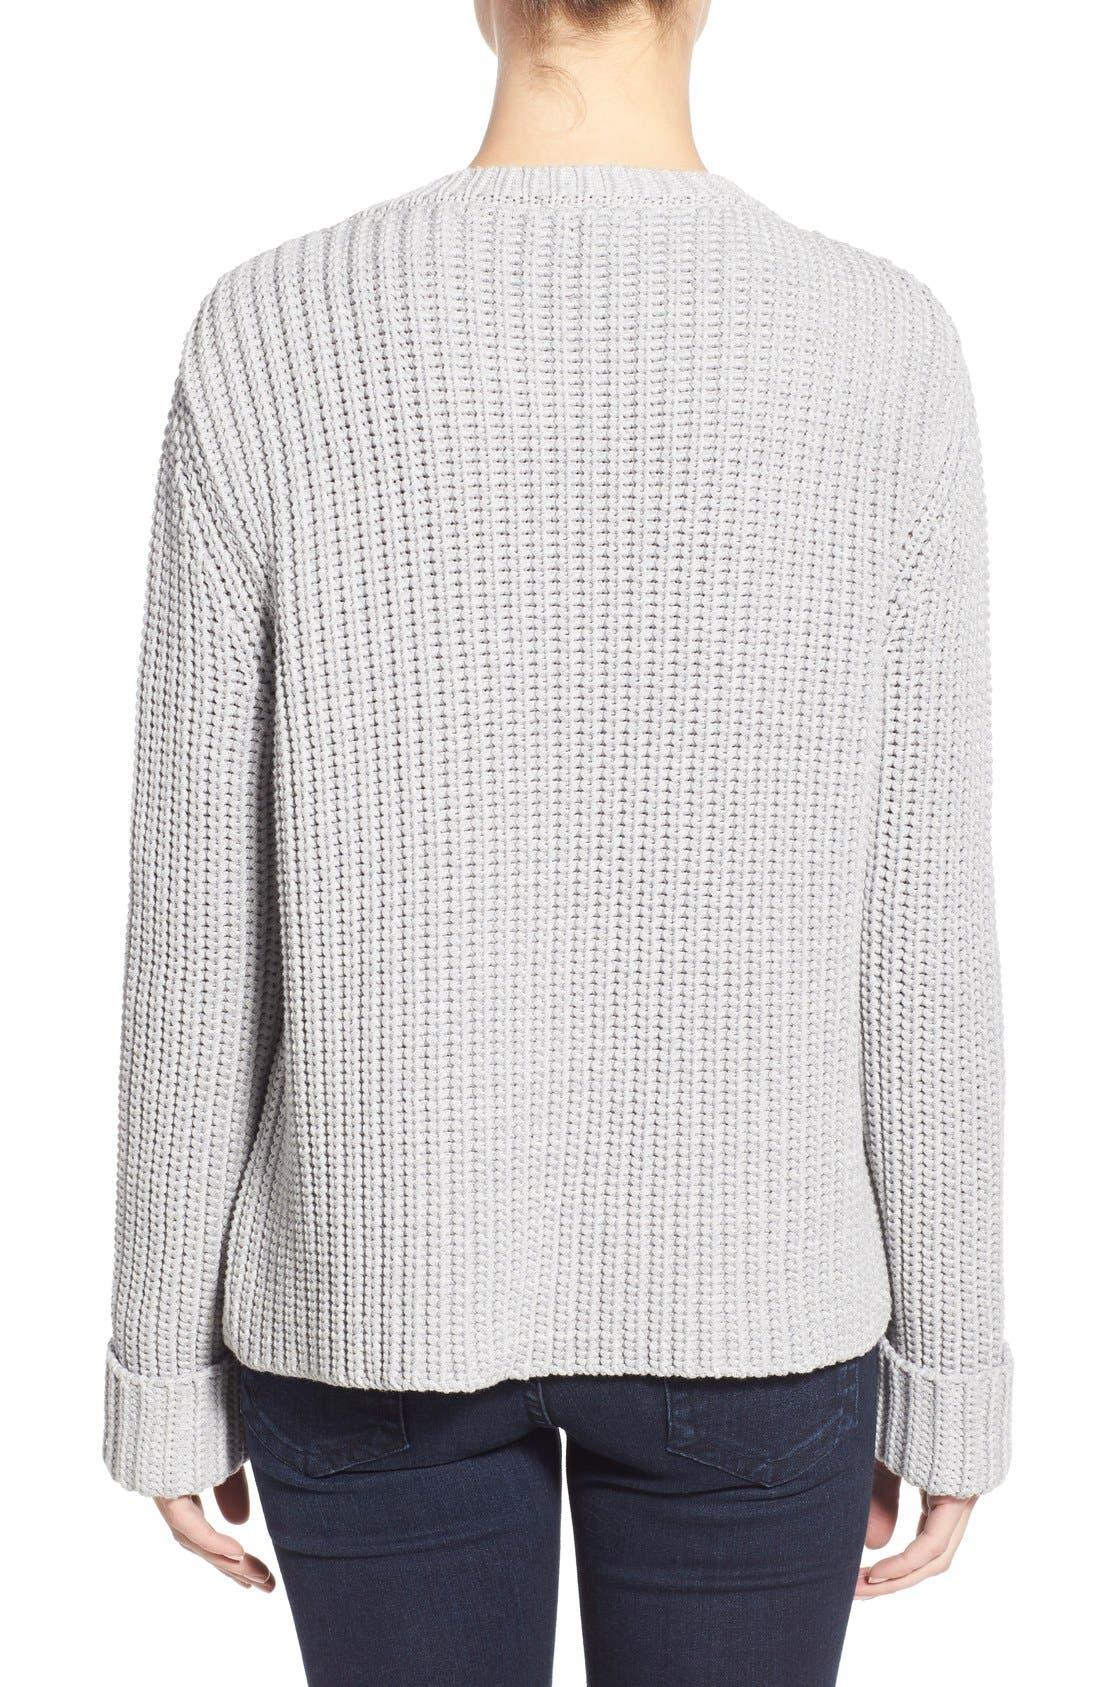 Alternate Image 2  - Barbour 'Clove Hitch' Crewneck Sweater